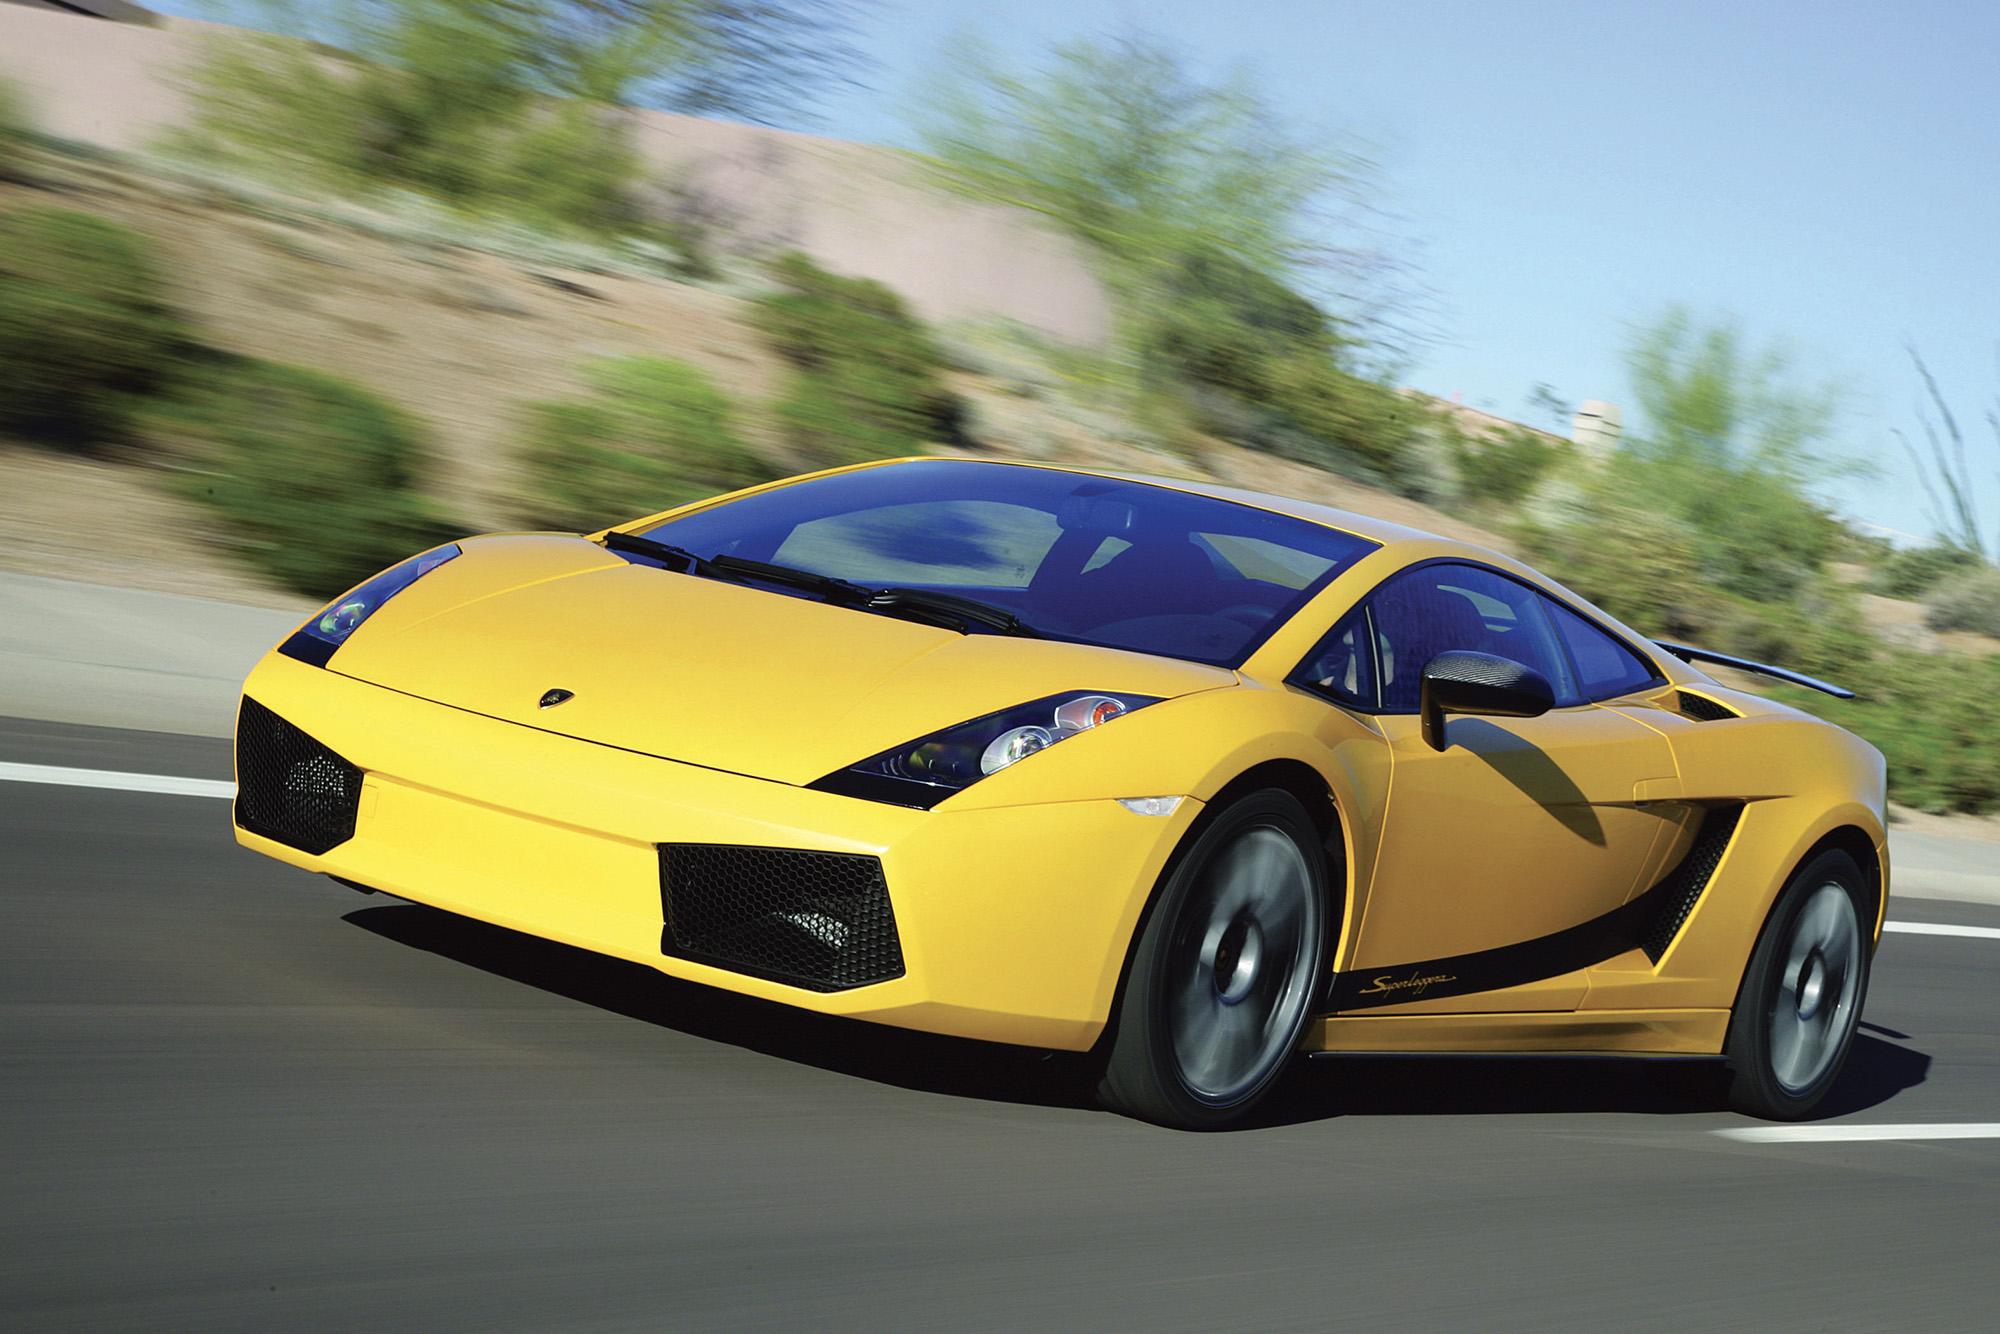 Yellow Lamborghini Gallardo on the road